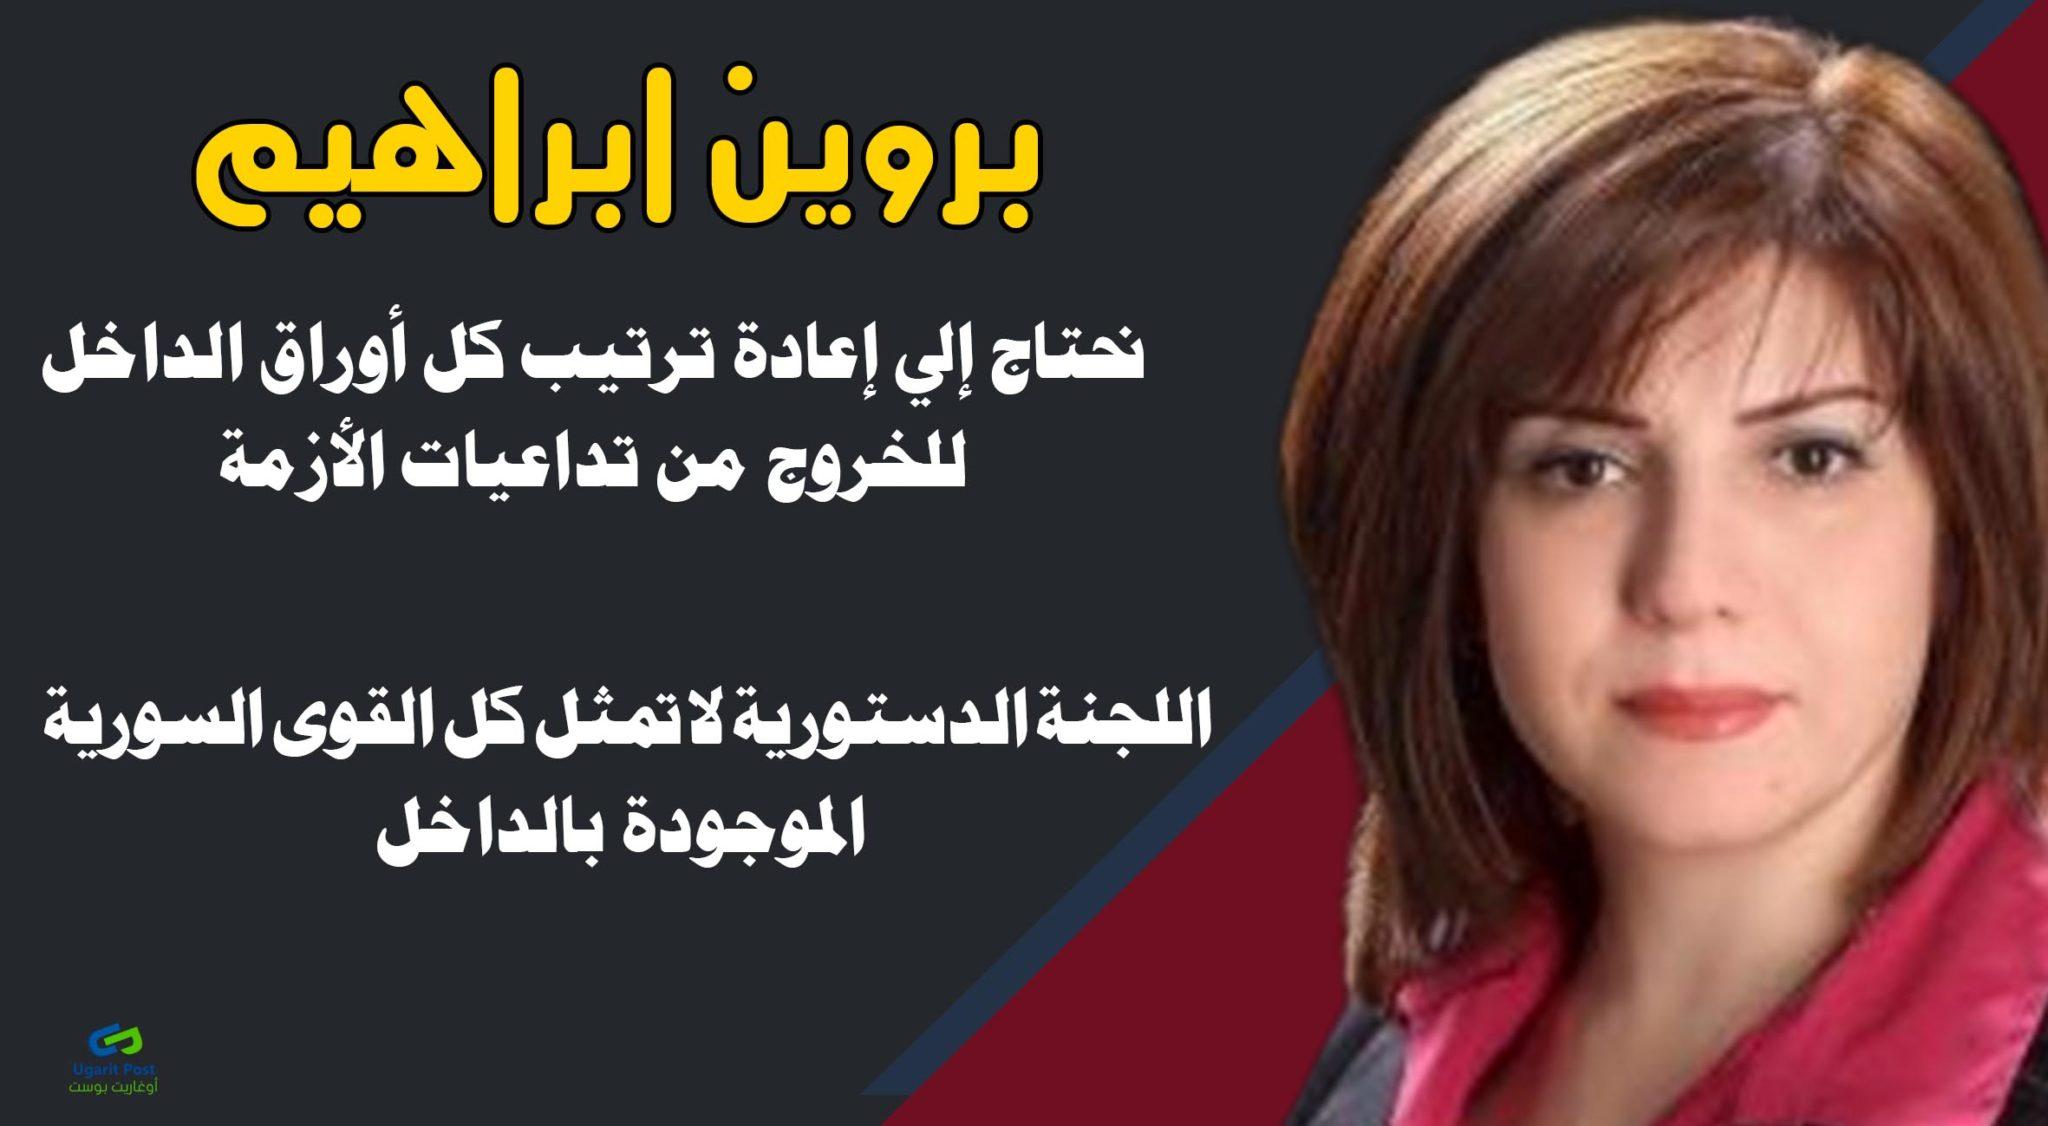 """نظام الأسد يطلق سراح """"بروين إبراهيم"""" بعد ساعات من توقيفها"""